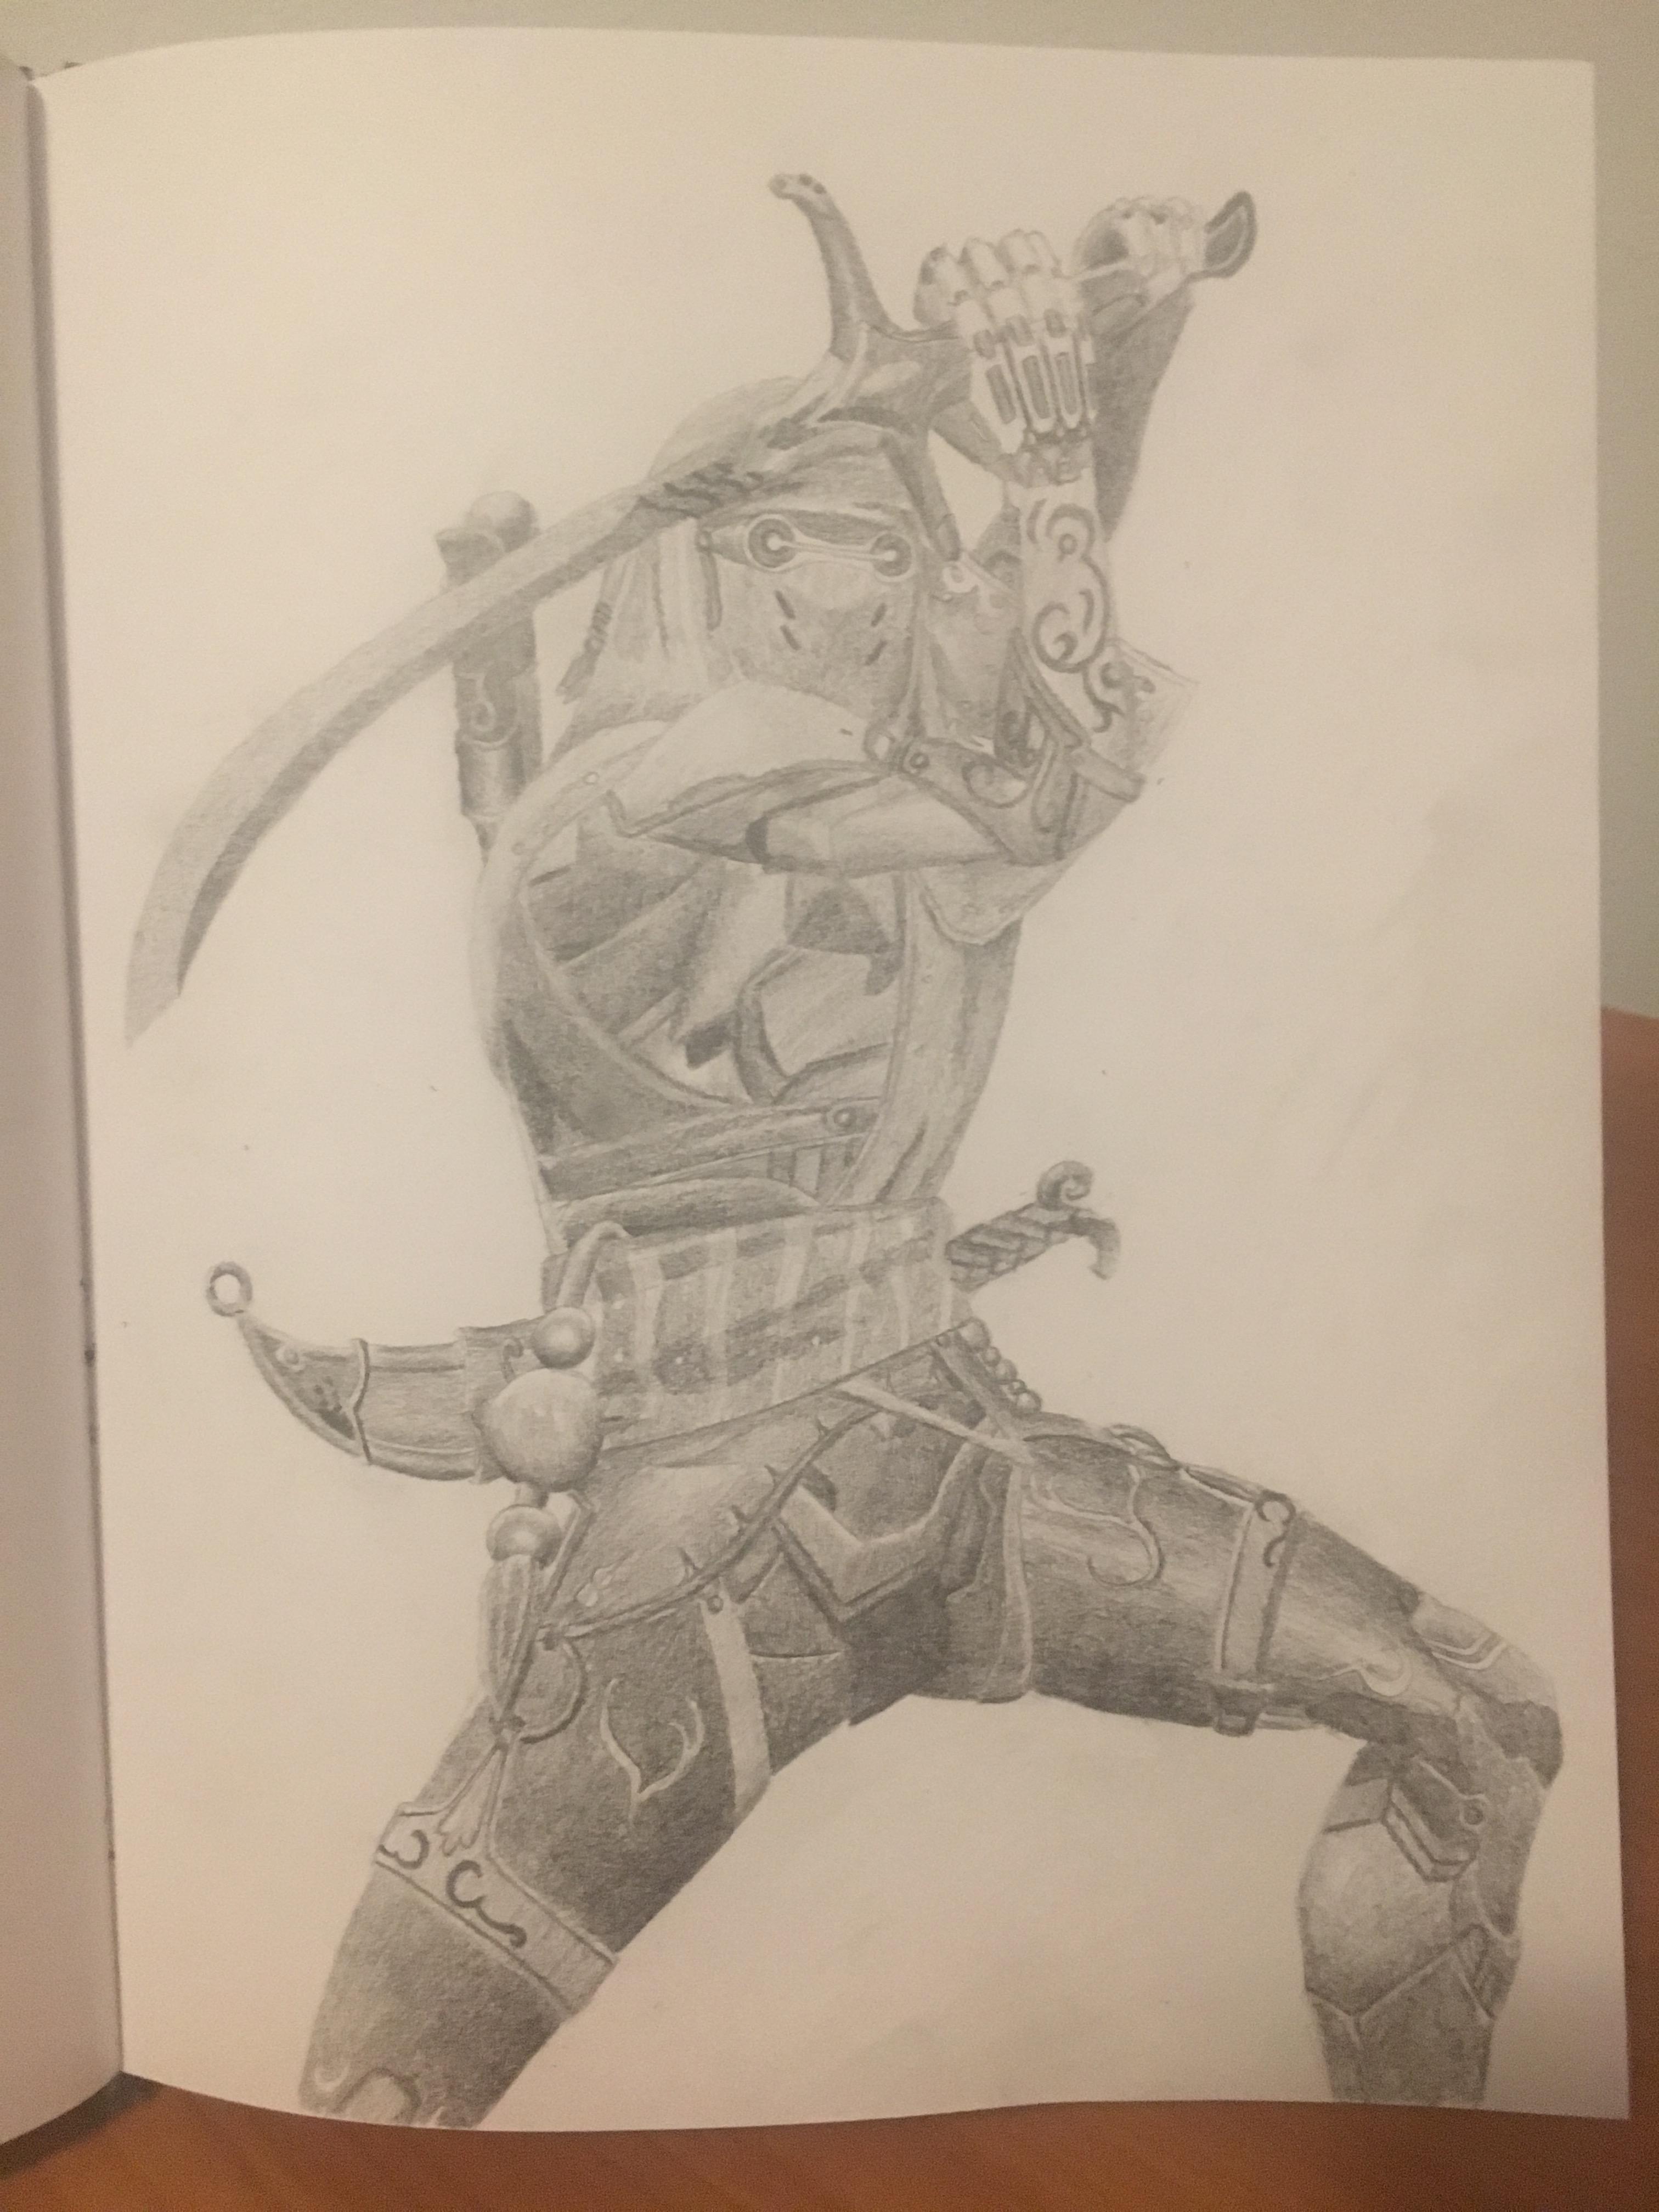 3024x4032 Genji nomad skin drawing